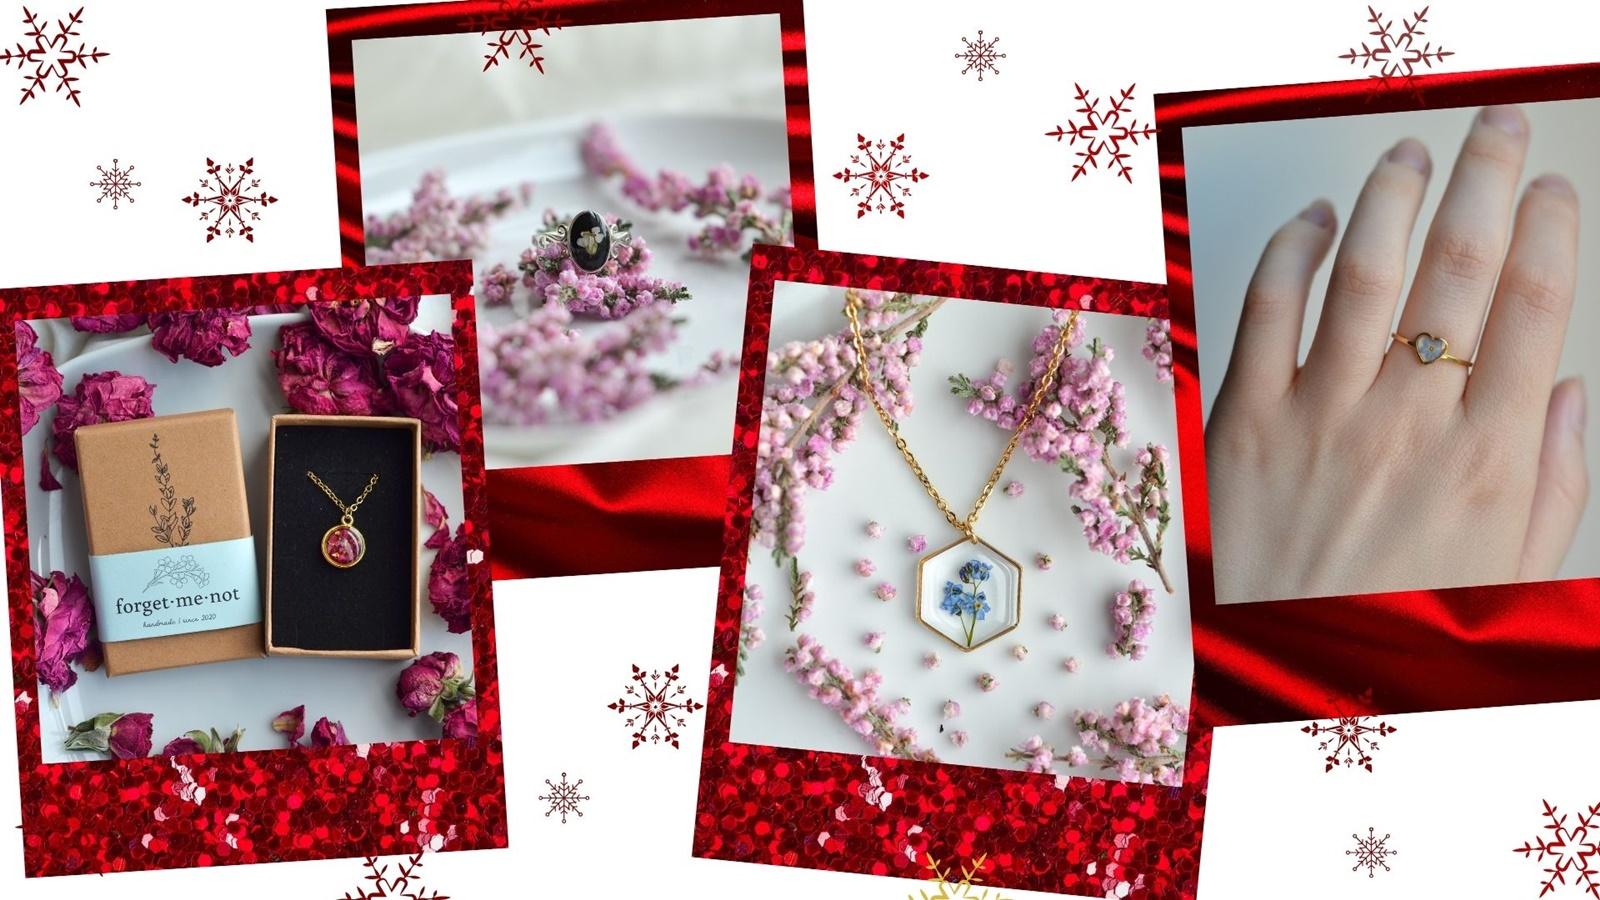 pomysł na prezent gwiazdkowy biżuteria z żywicy i roślink kwiatów handmade rękodzieło nietypowe prezenty dla kobiety siostry mamy dziewczyny żony babci